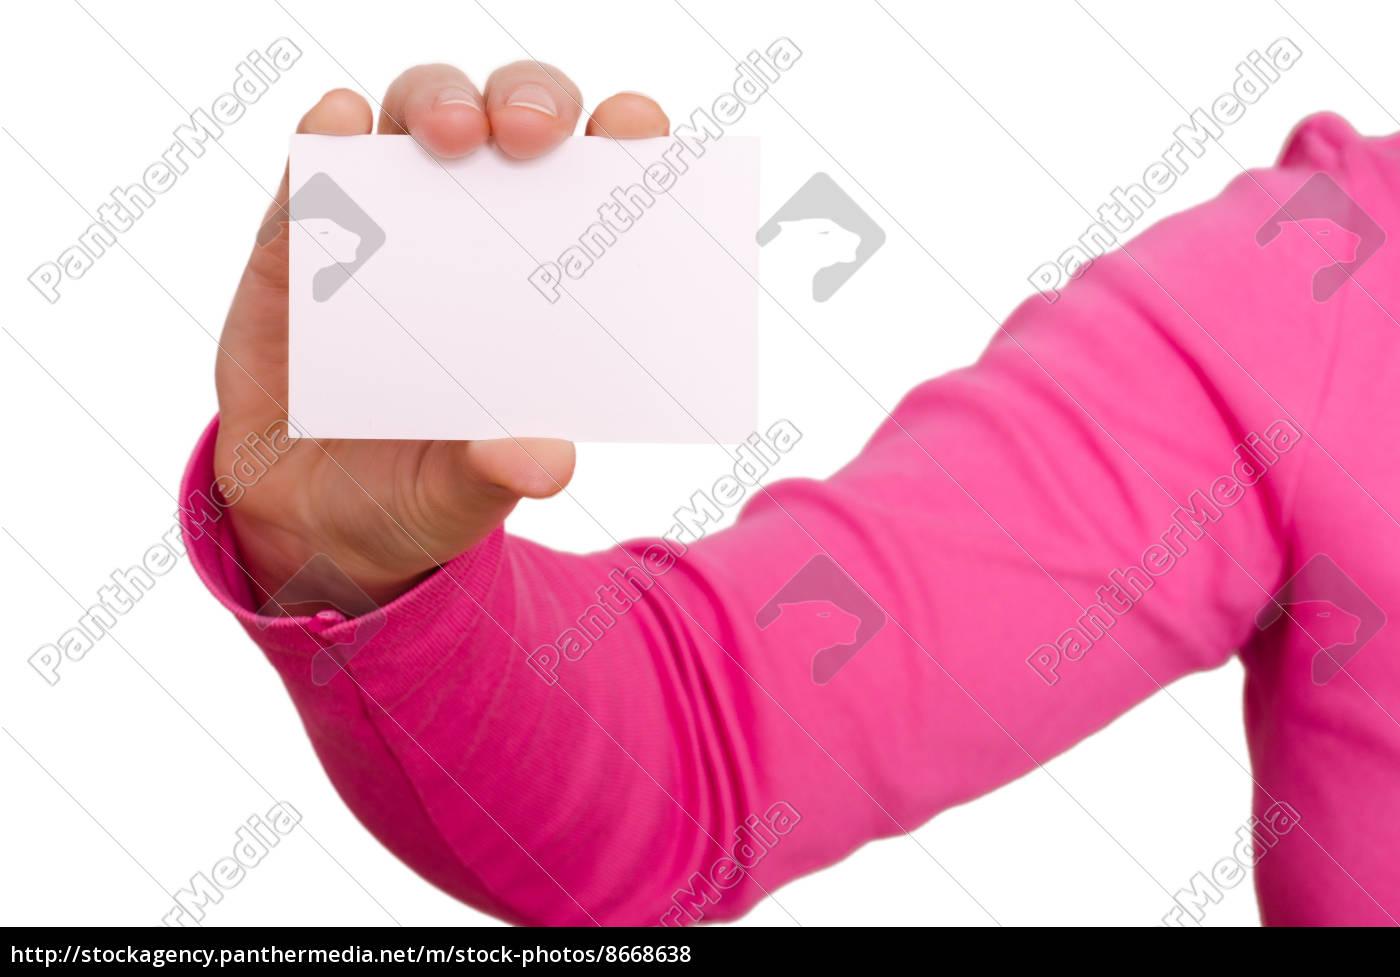 Stockfoto 8668638 Weibliche Hand Hält Eine Blanko Visitenkarte